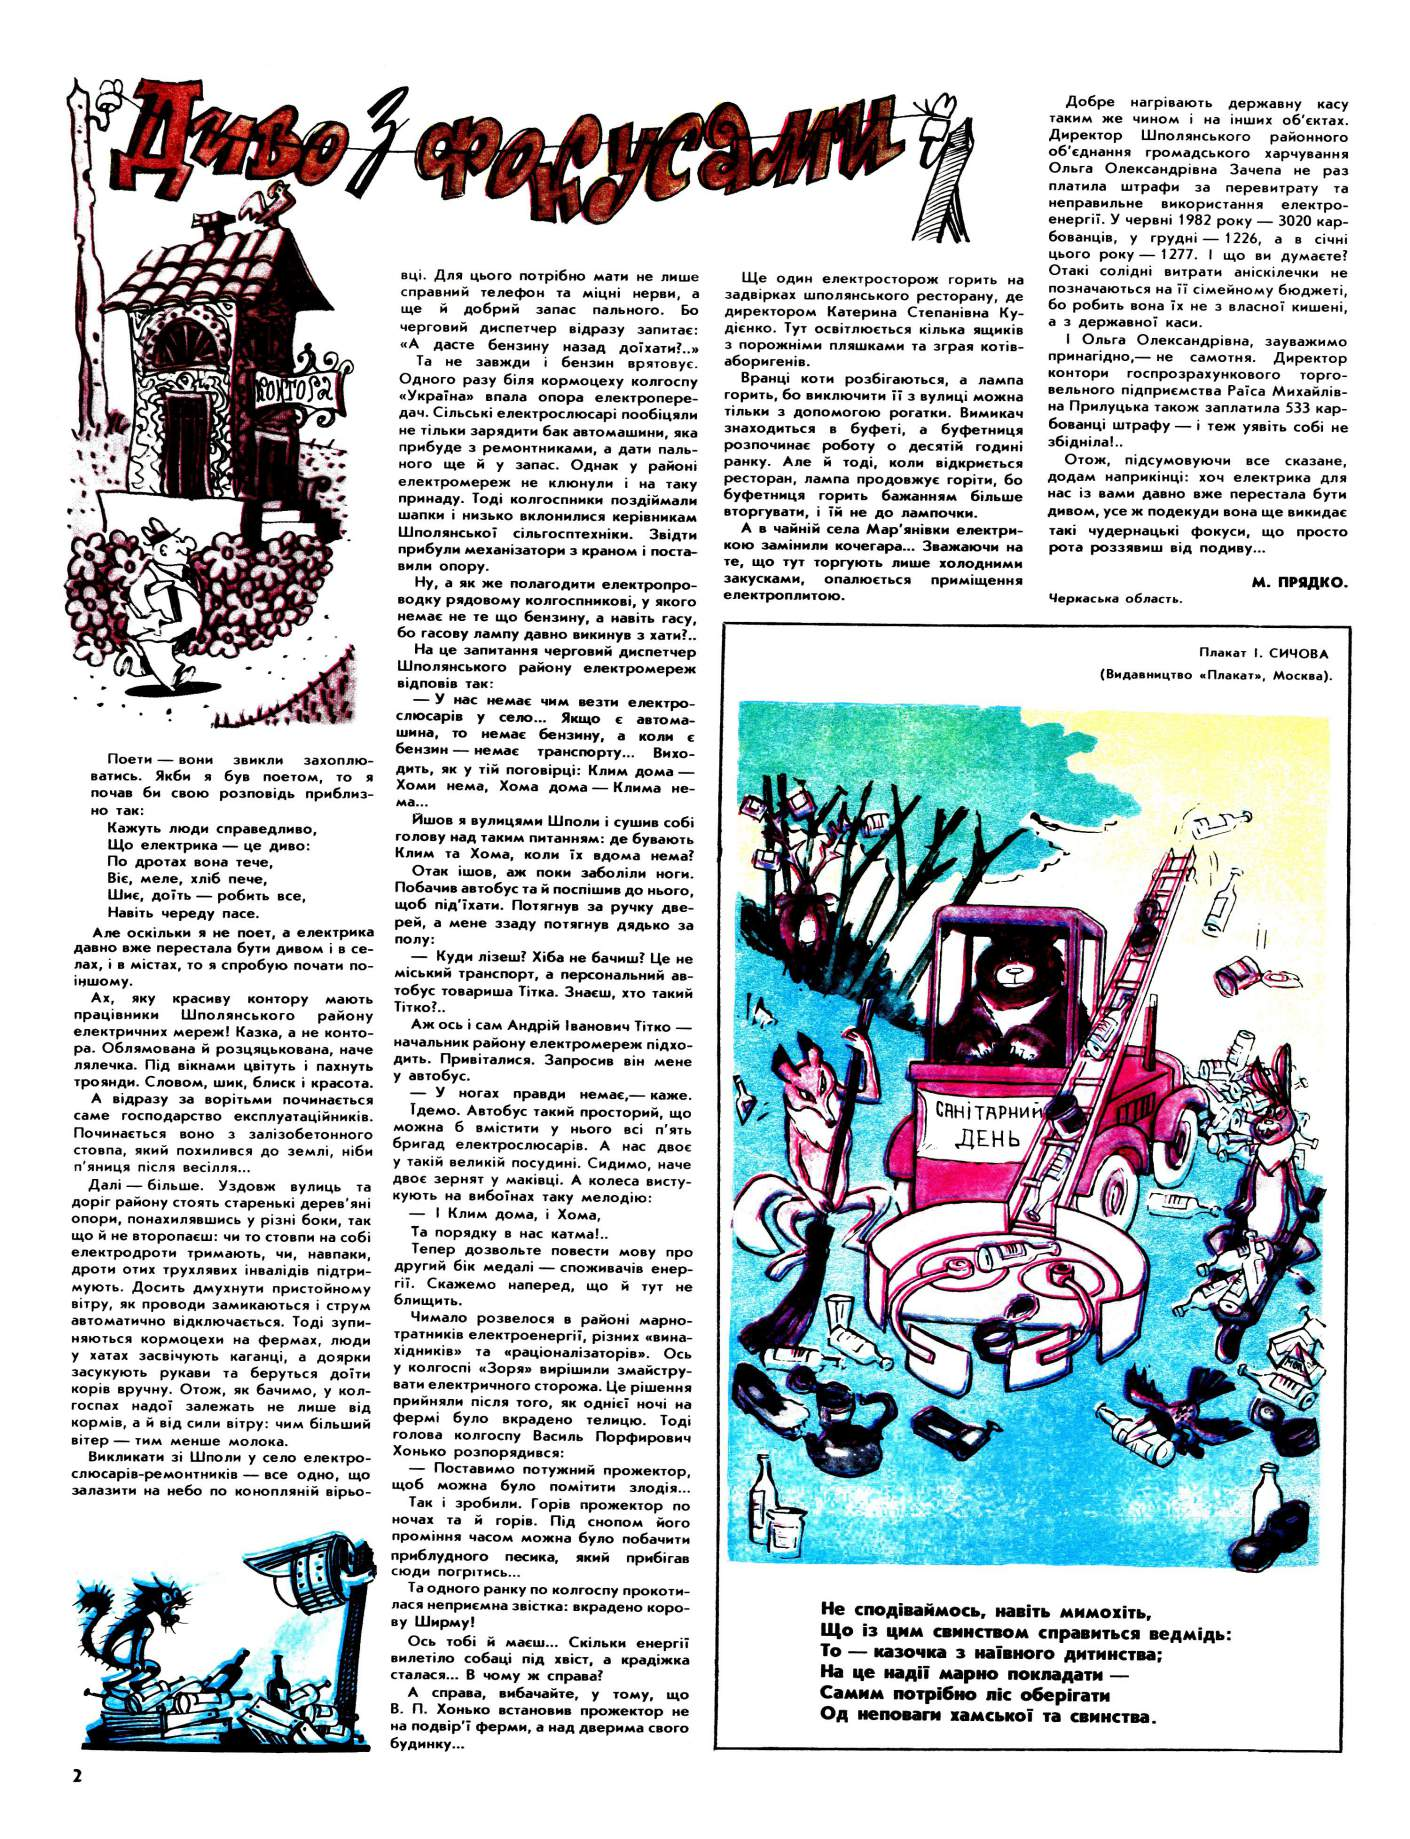 Журнал перець 1983 №11